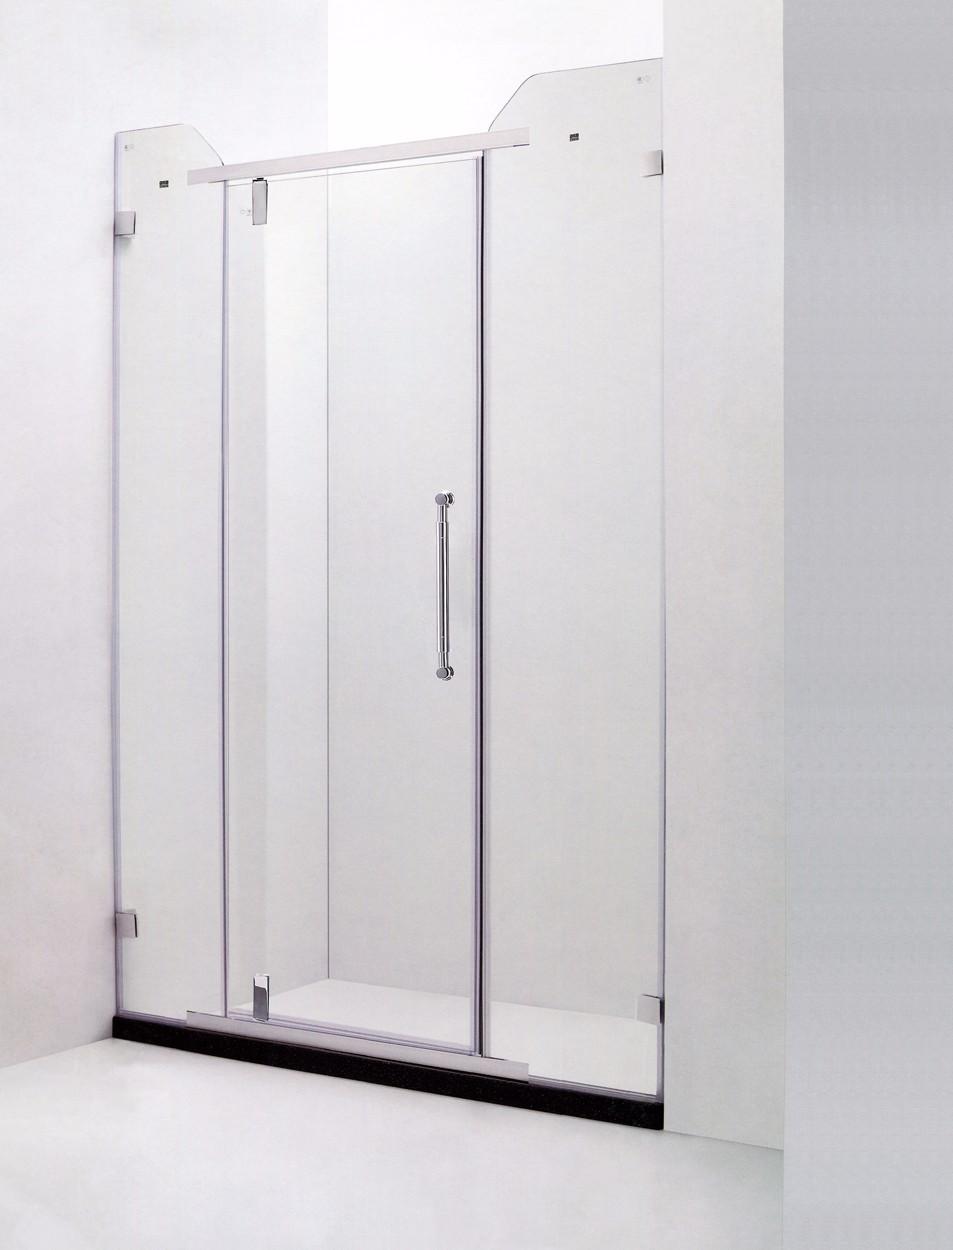 조정 욕실 유리 블록 틀 사용 rv 샤워 문-샤워실-상품 ID:60461225340 ...